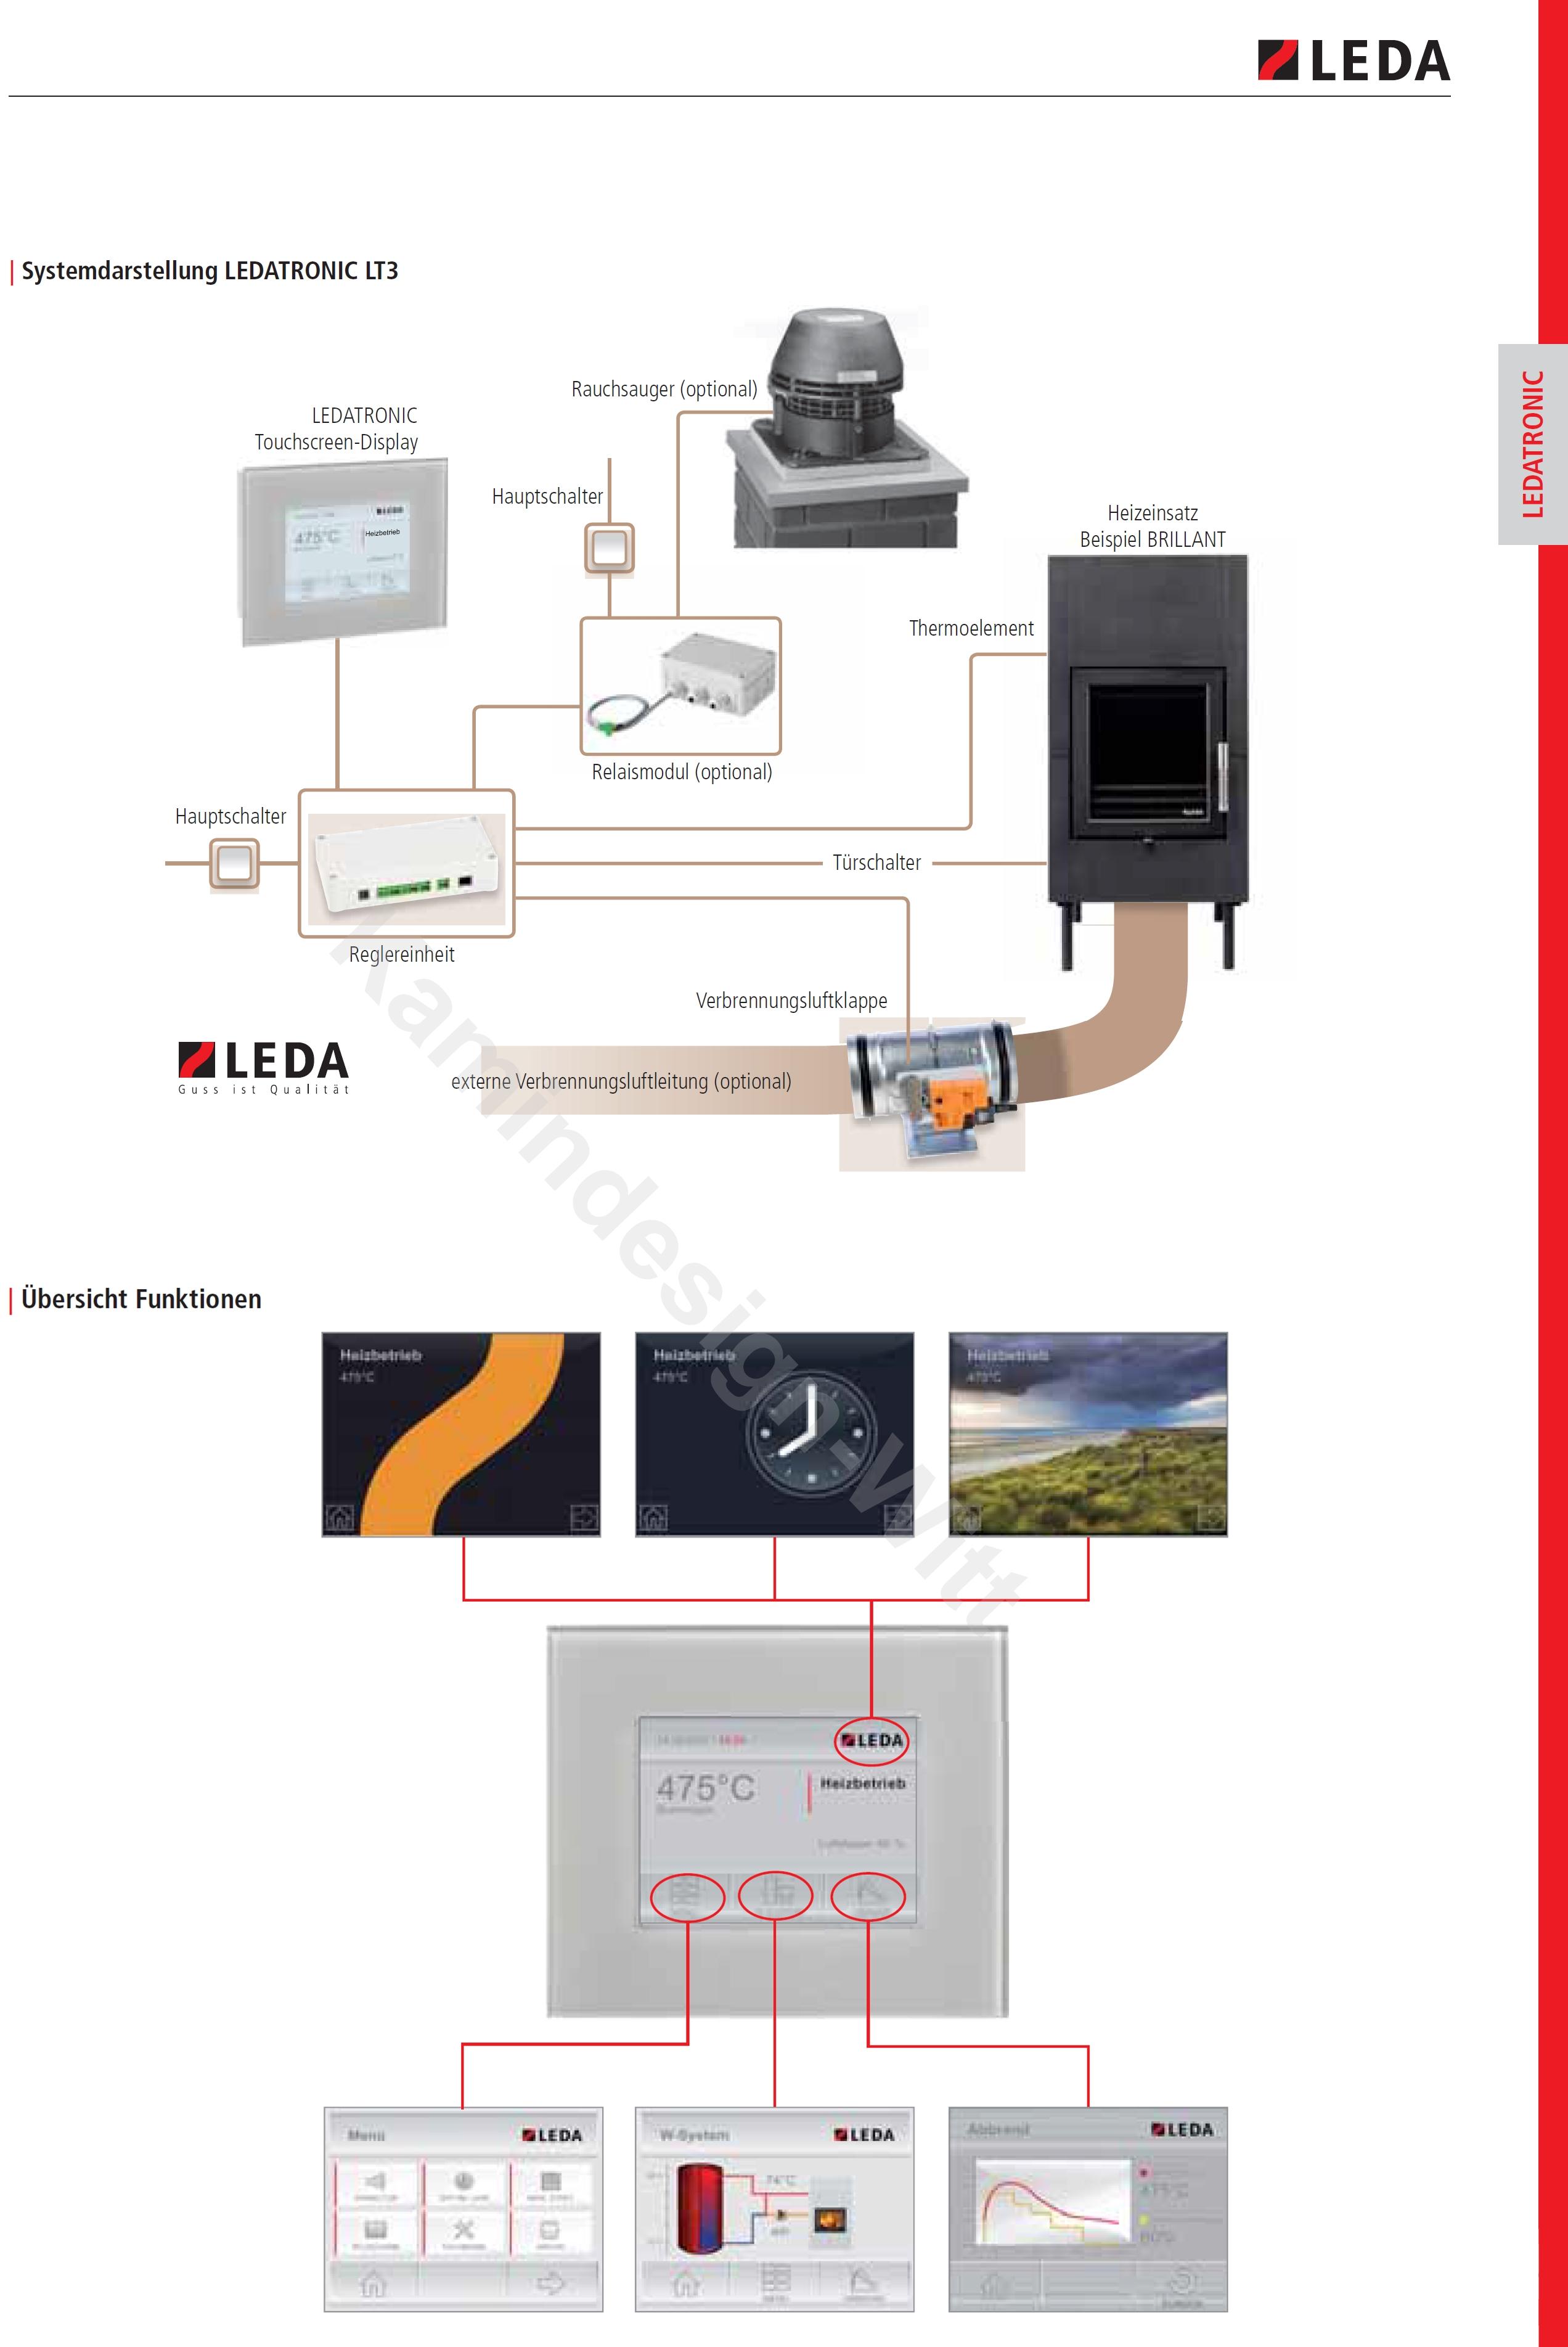 Kamin Leda Kamineinsatz SeraVida 55 W F - Hotline 7 - 21 Uhr: 0177 ...